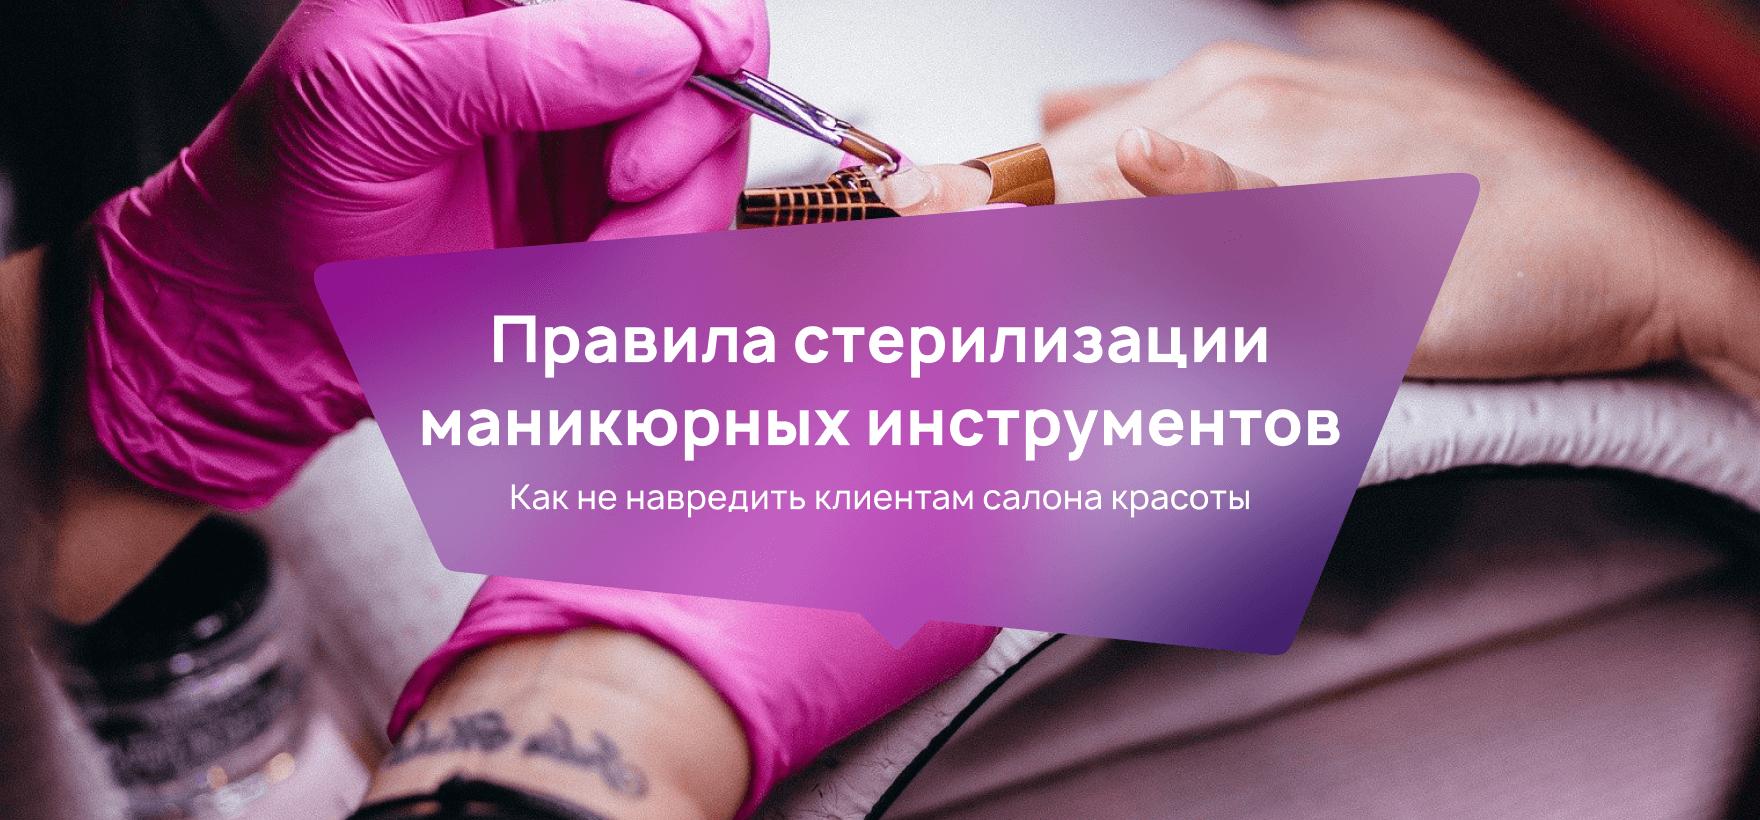 Правила стерилизации маникюрных инструментов: как не навредить клиентам салона красоты?